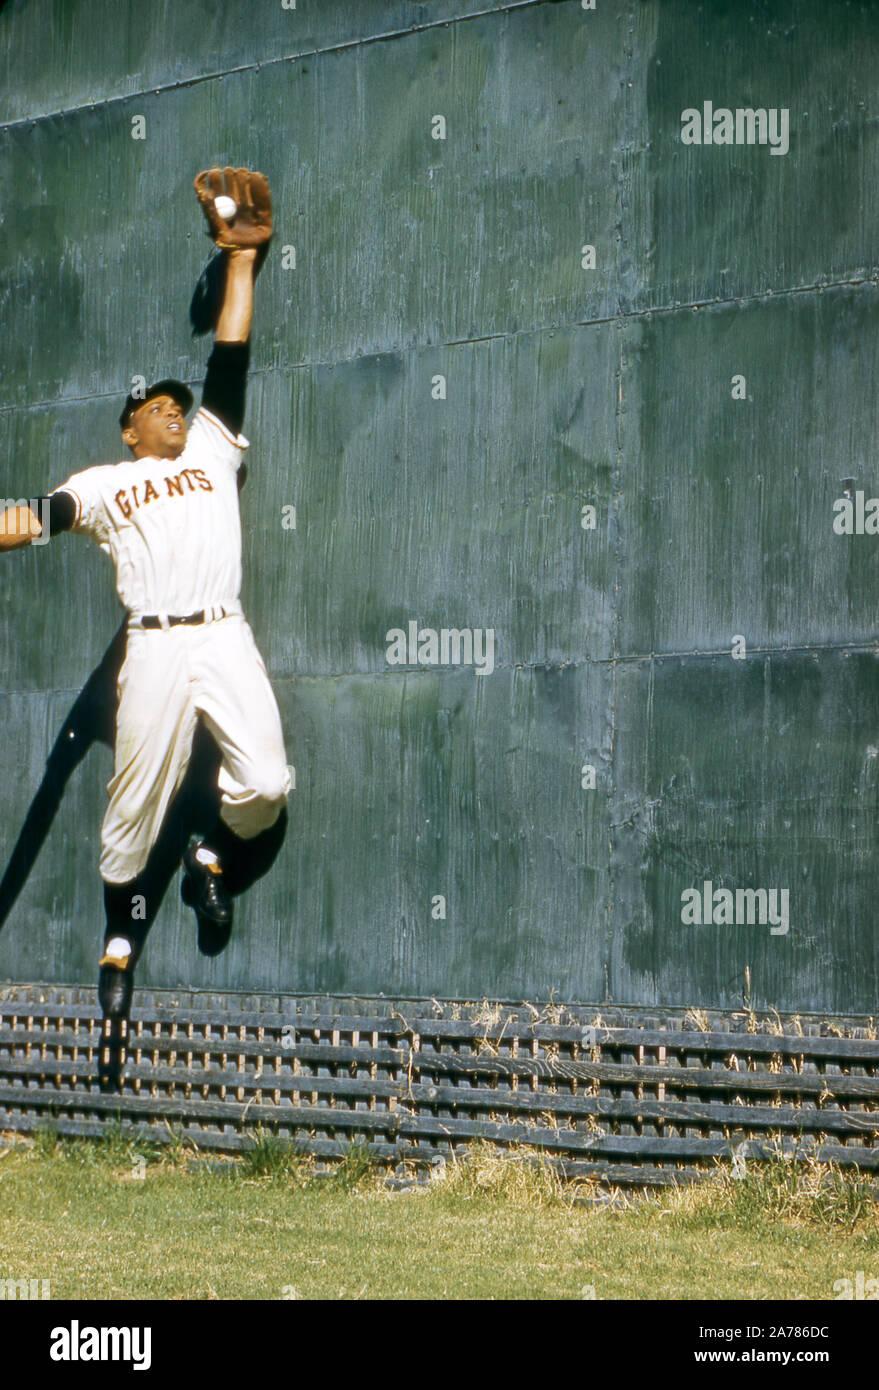 NEW YORK, NY - 1957: Willie Mays #24 di New York Giants rende un gancio in corrispondenza della parete durante il warm-up prima di una partita MLB 1957 circa presso il Polo motivi in New York New York. (Foto di Hy Peskin) *** Caption locale *** Willie Mays Foto Stock